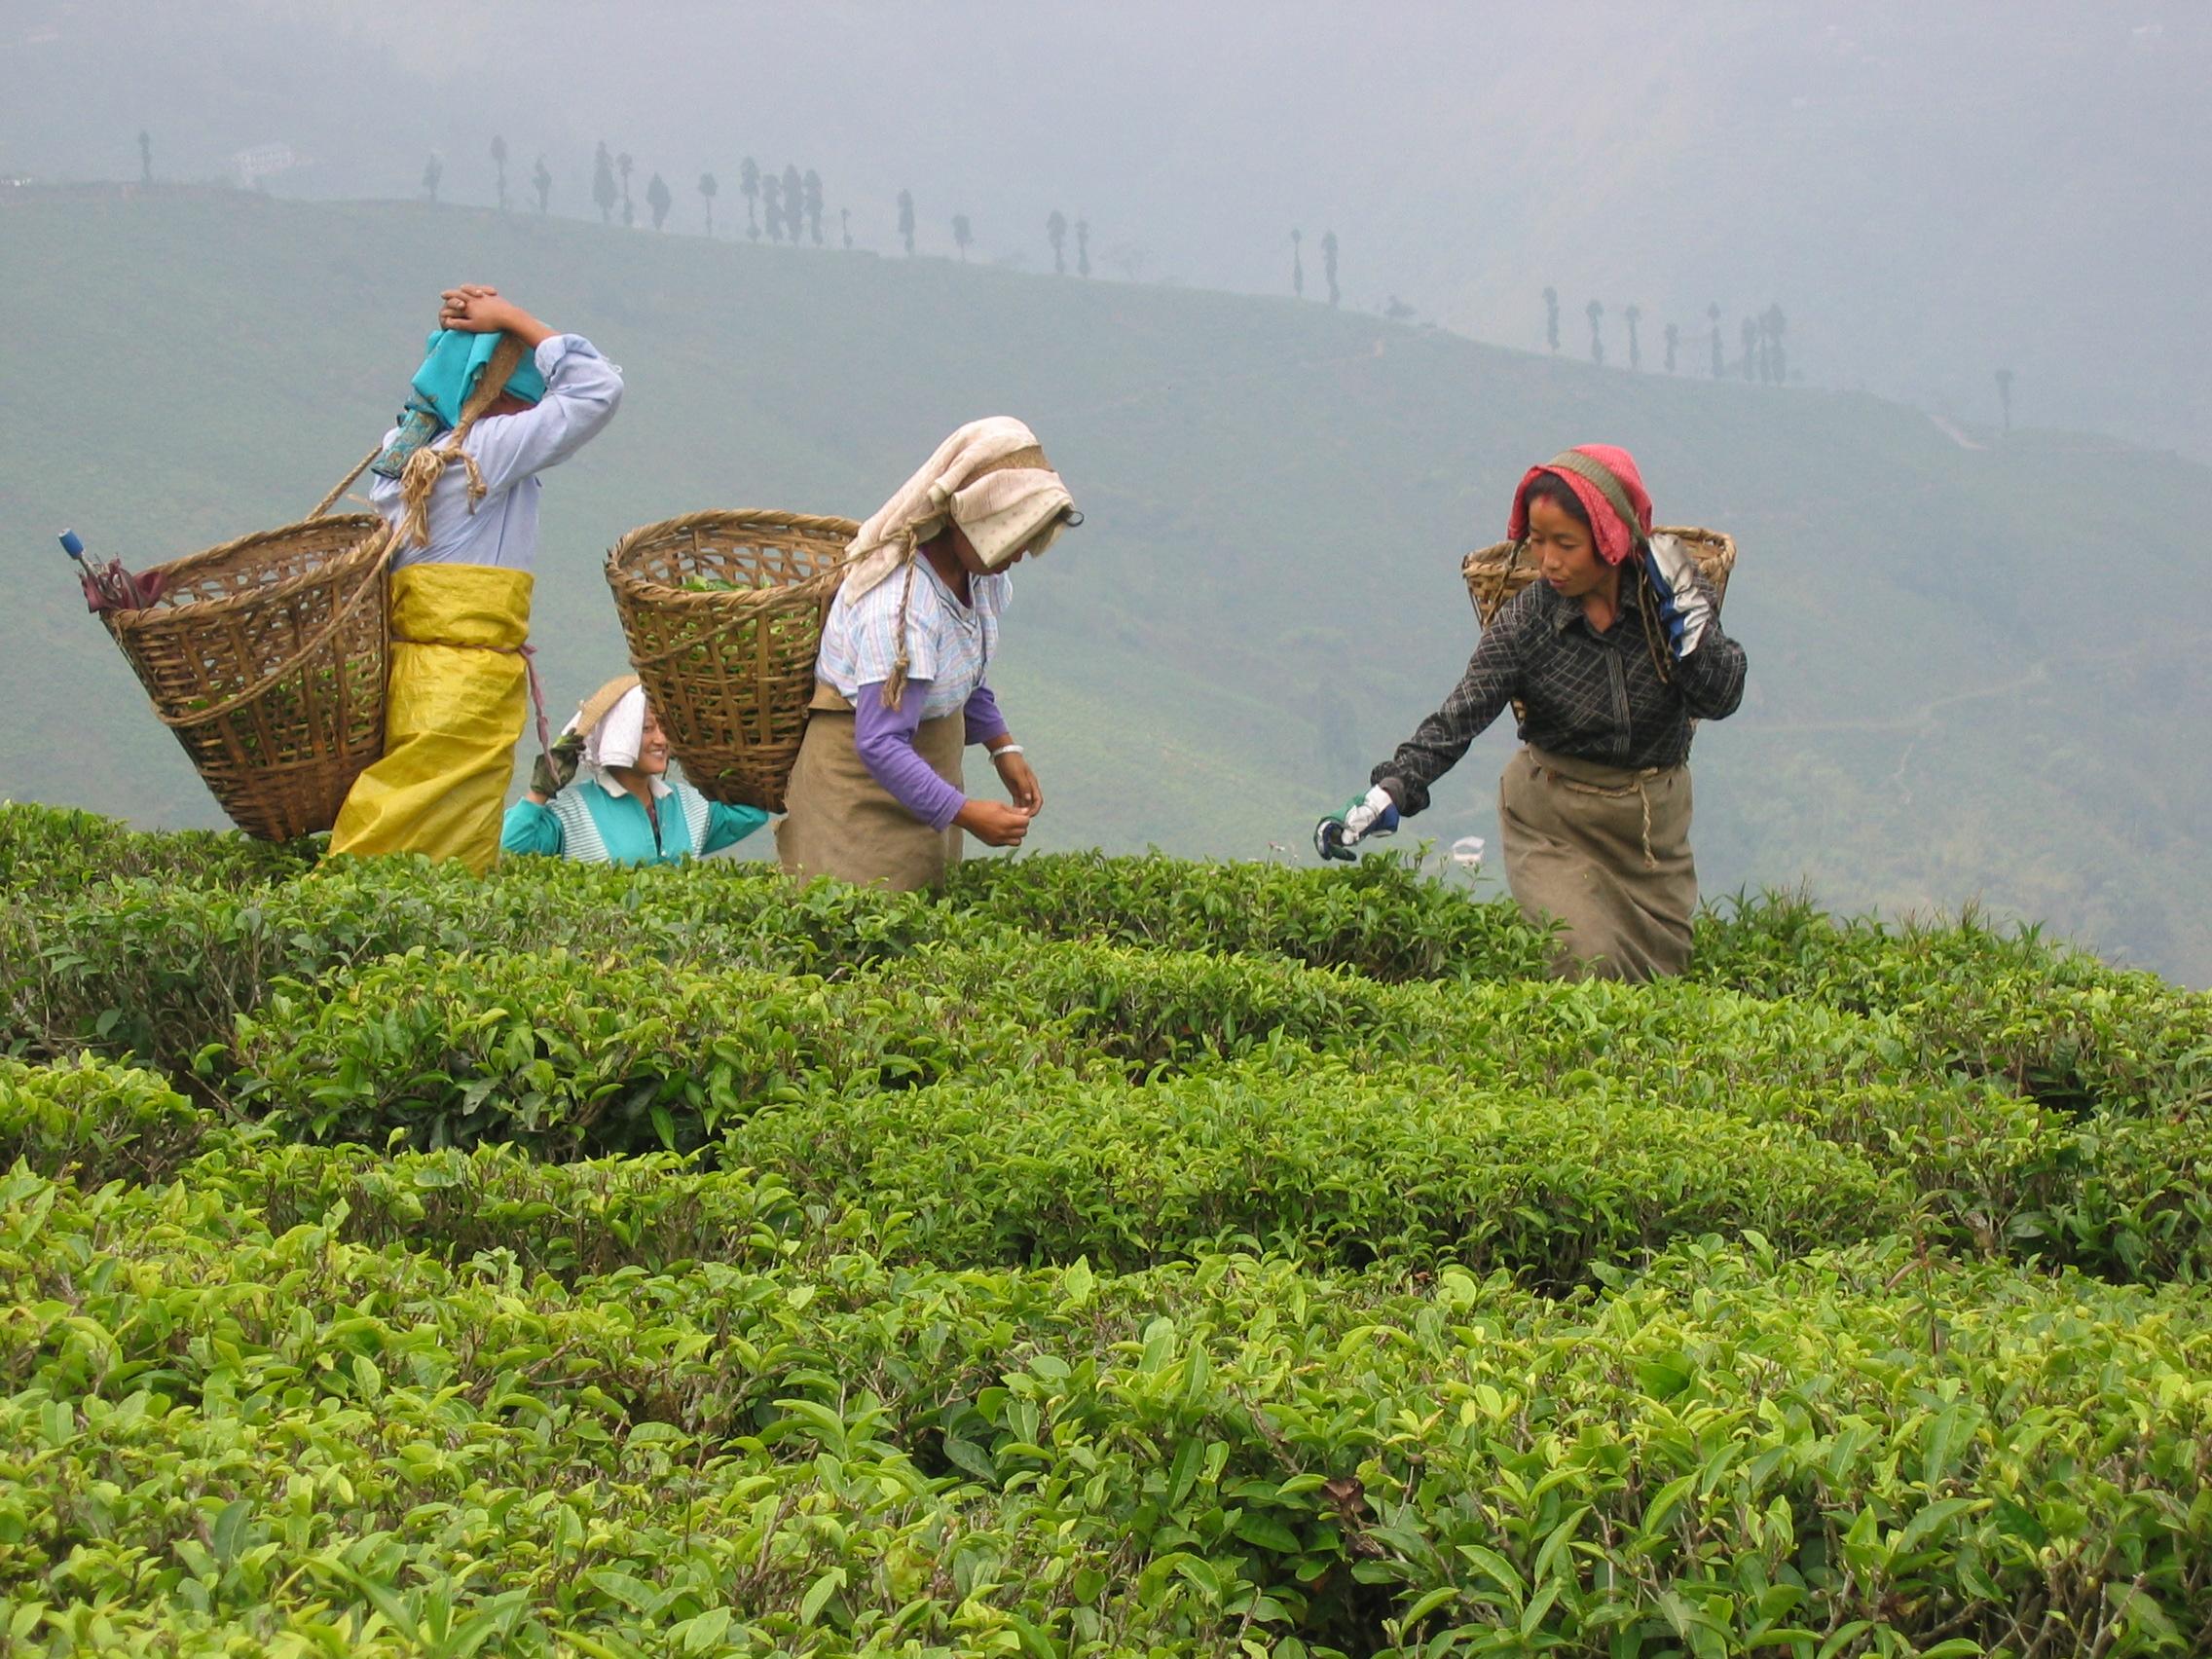 Le thé a besoin de soins délicats